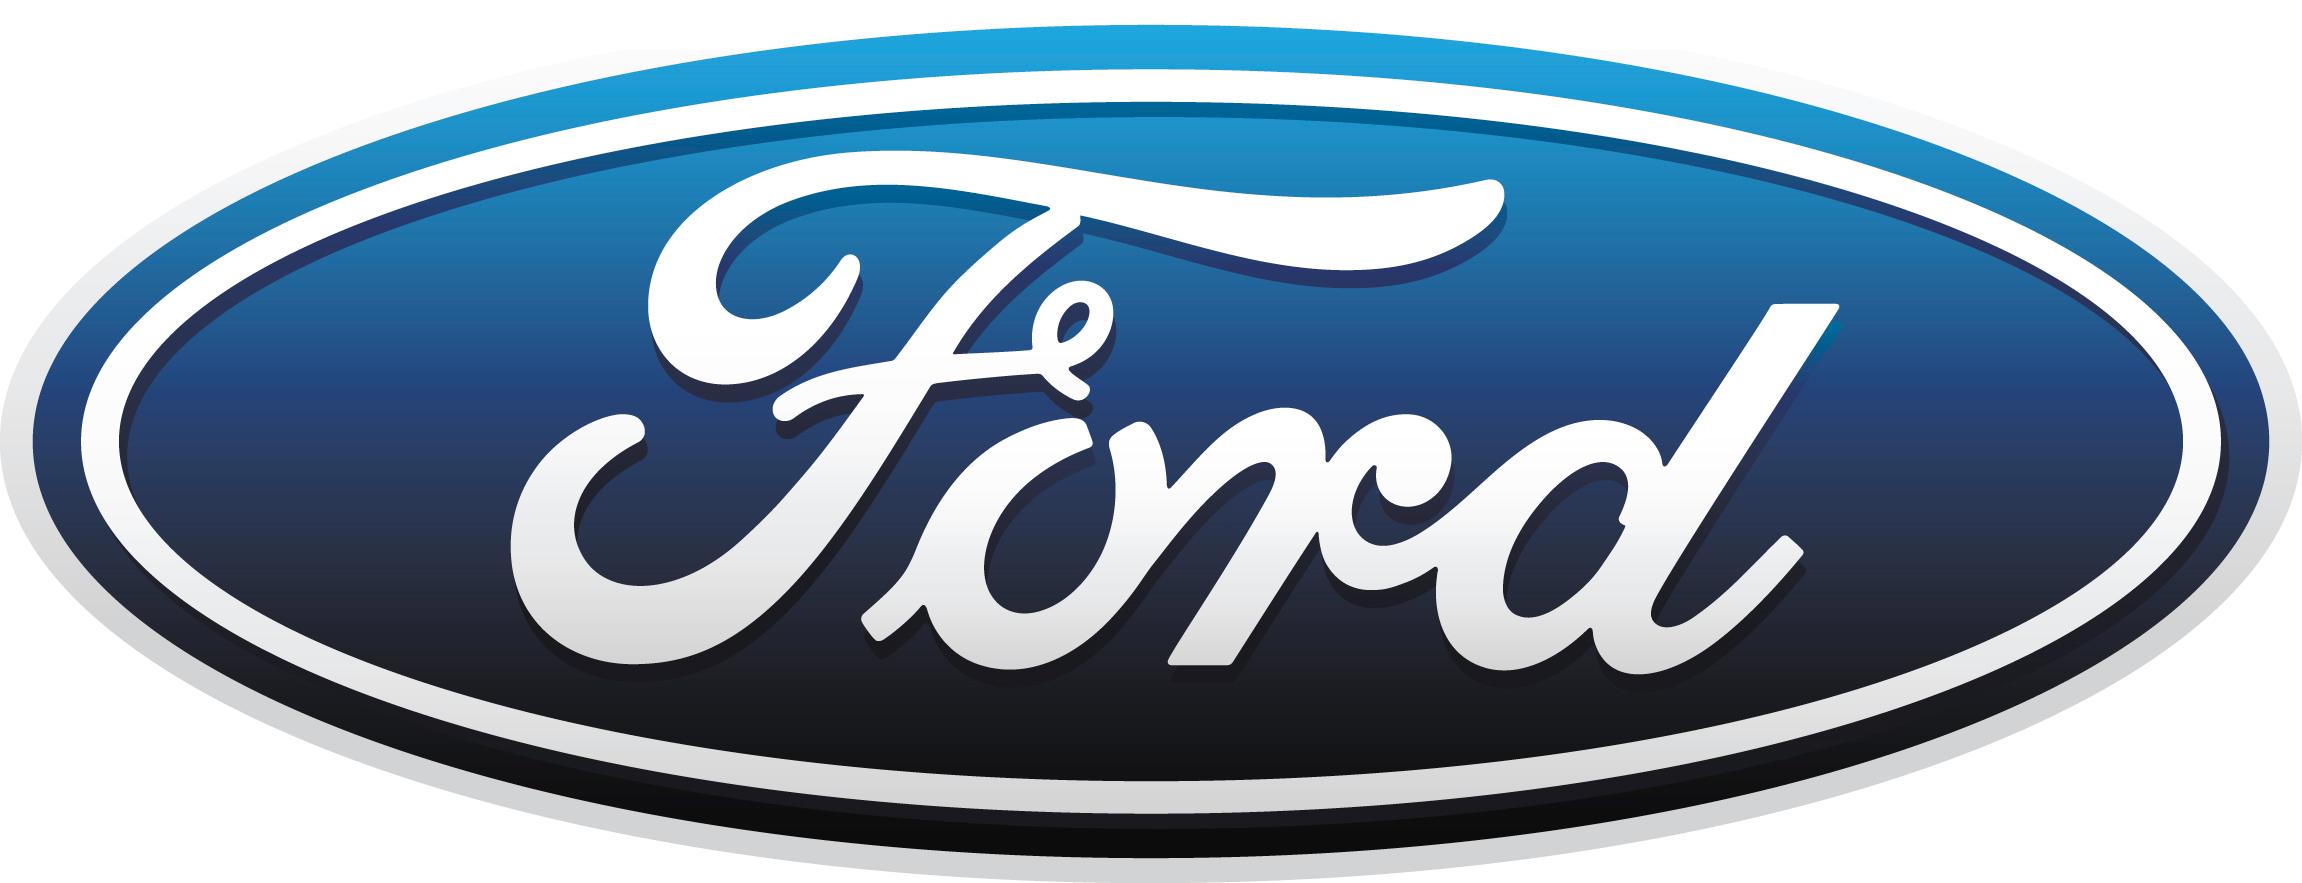 car_logo_PNG1666